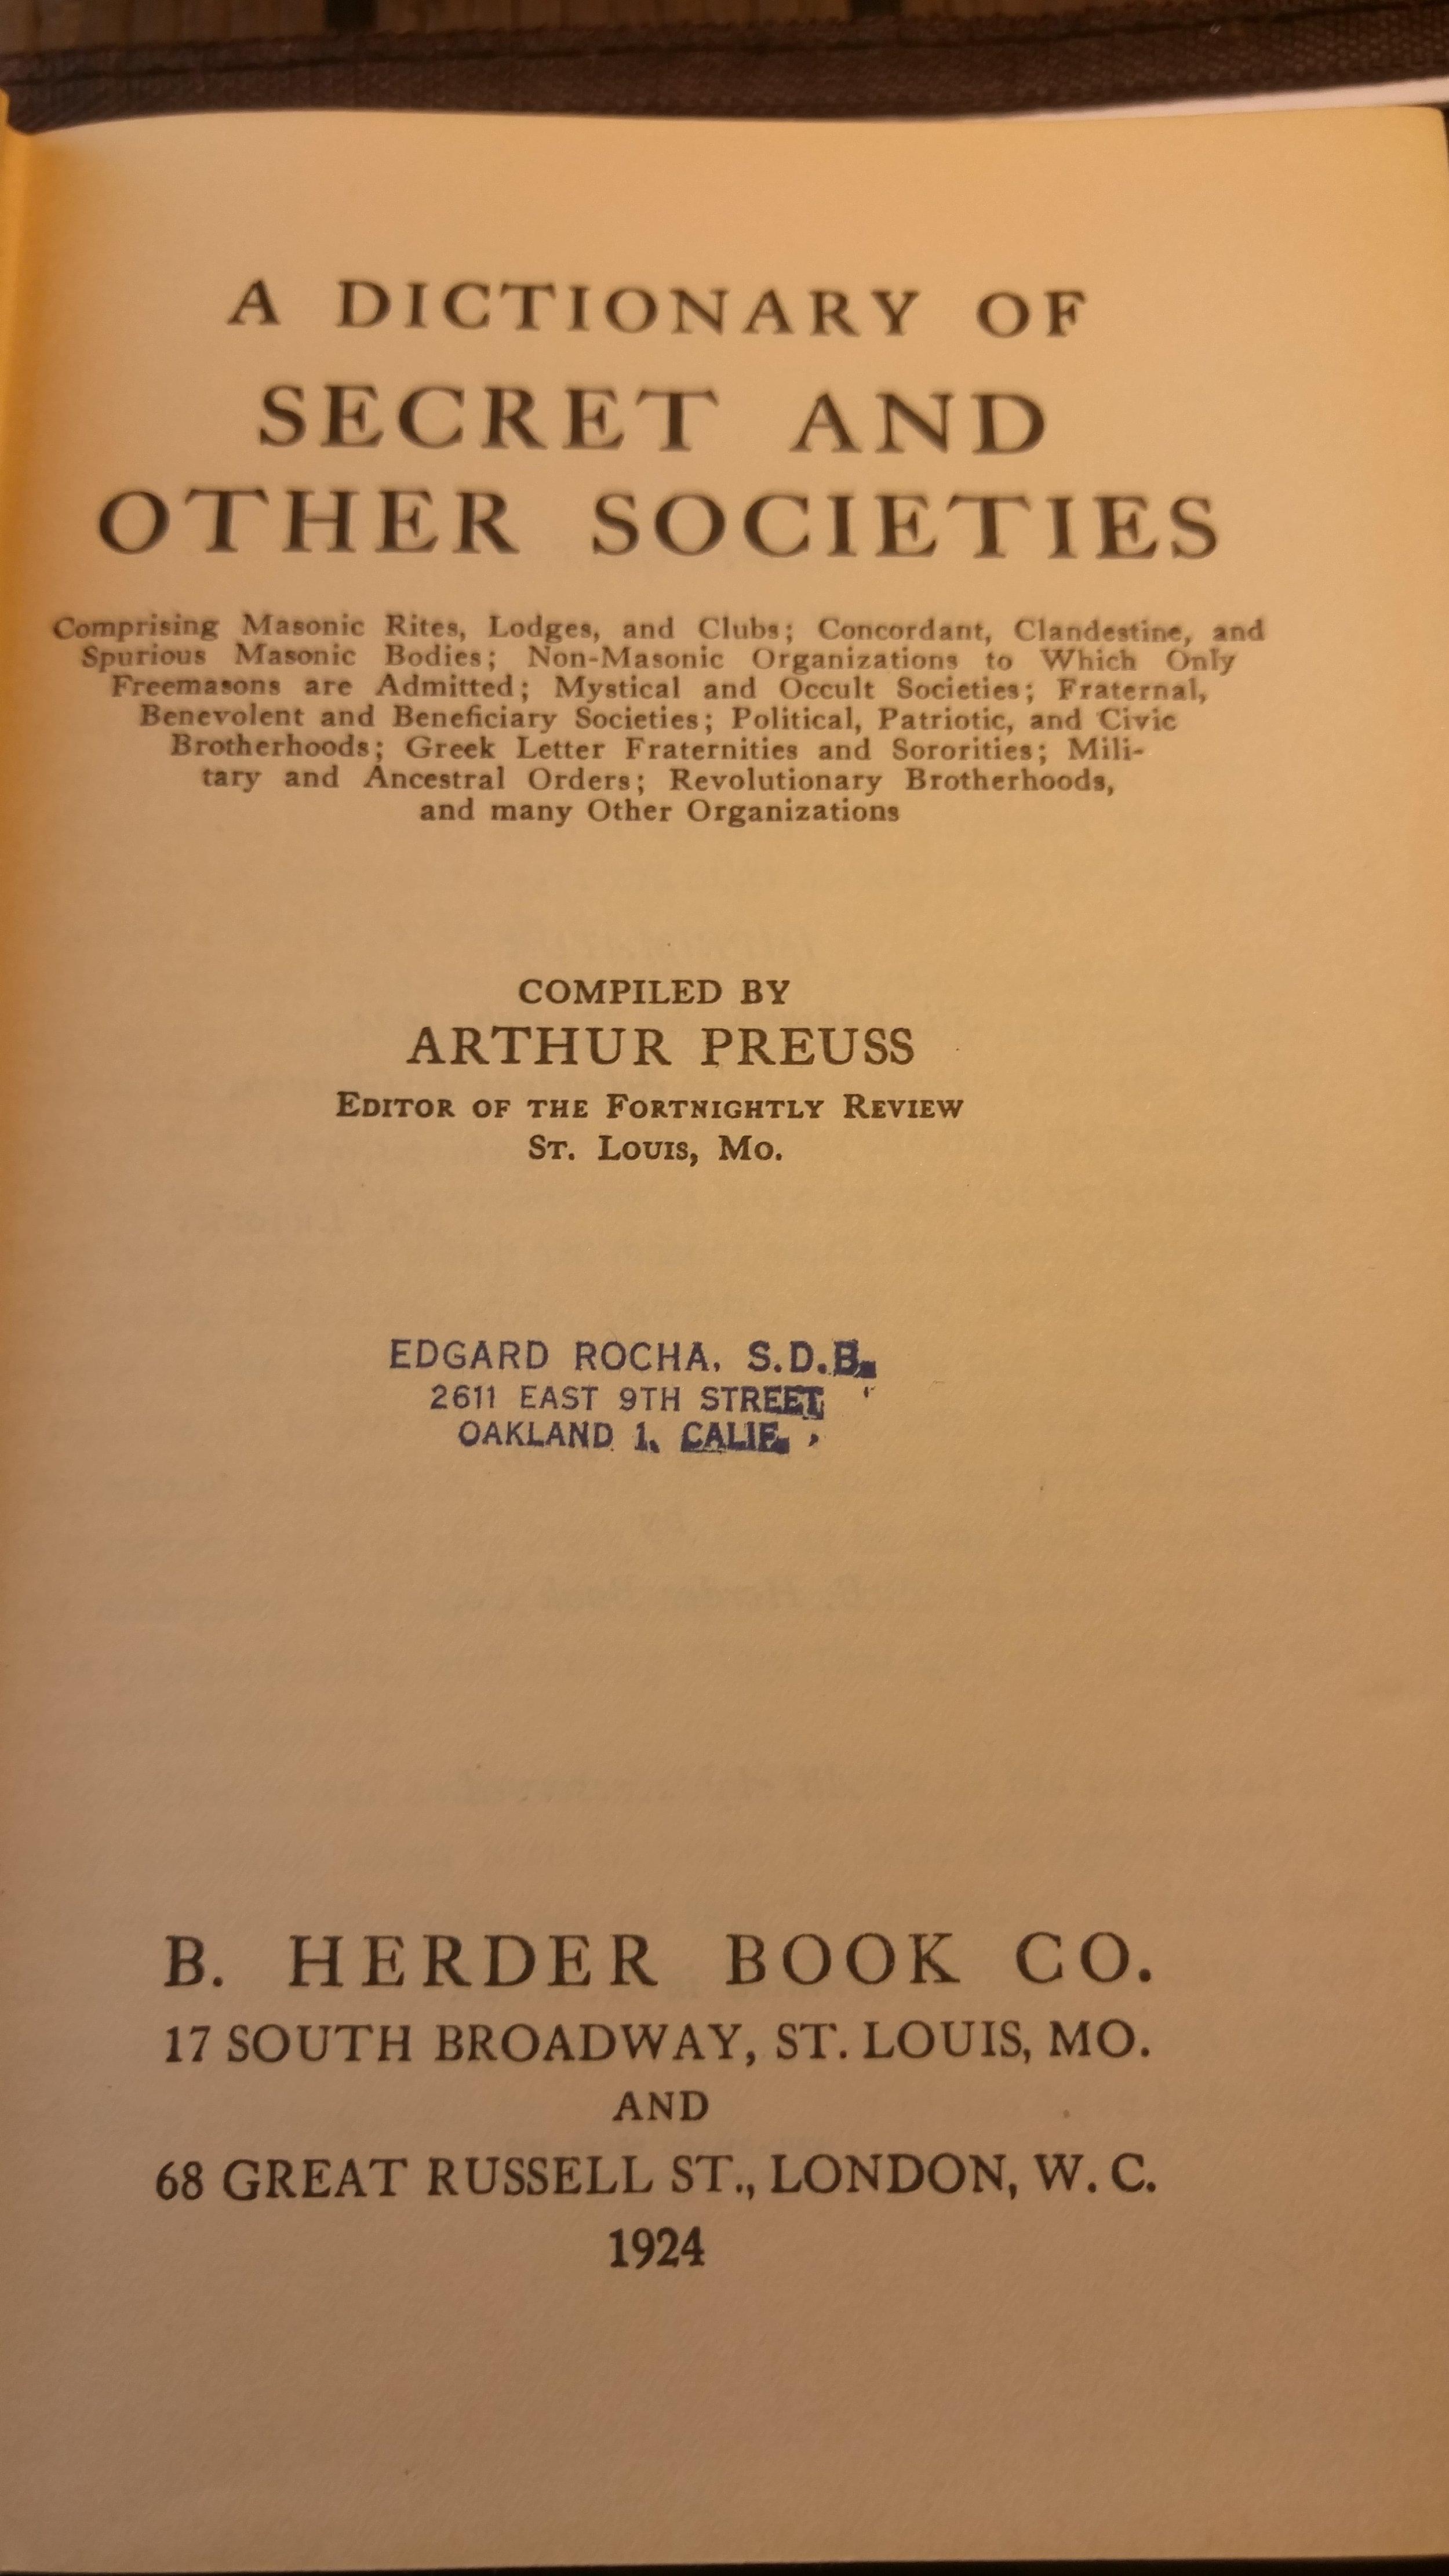 Sobrino Rare Books — A Dictionary of Secret and Other Societies - Arthur  Preuss - 1924